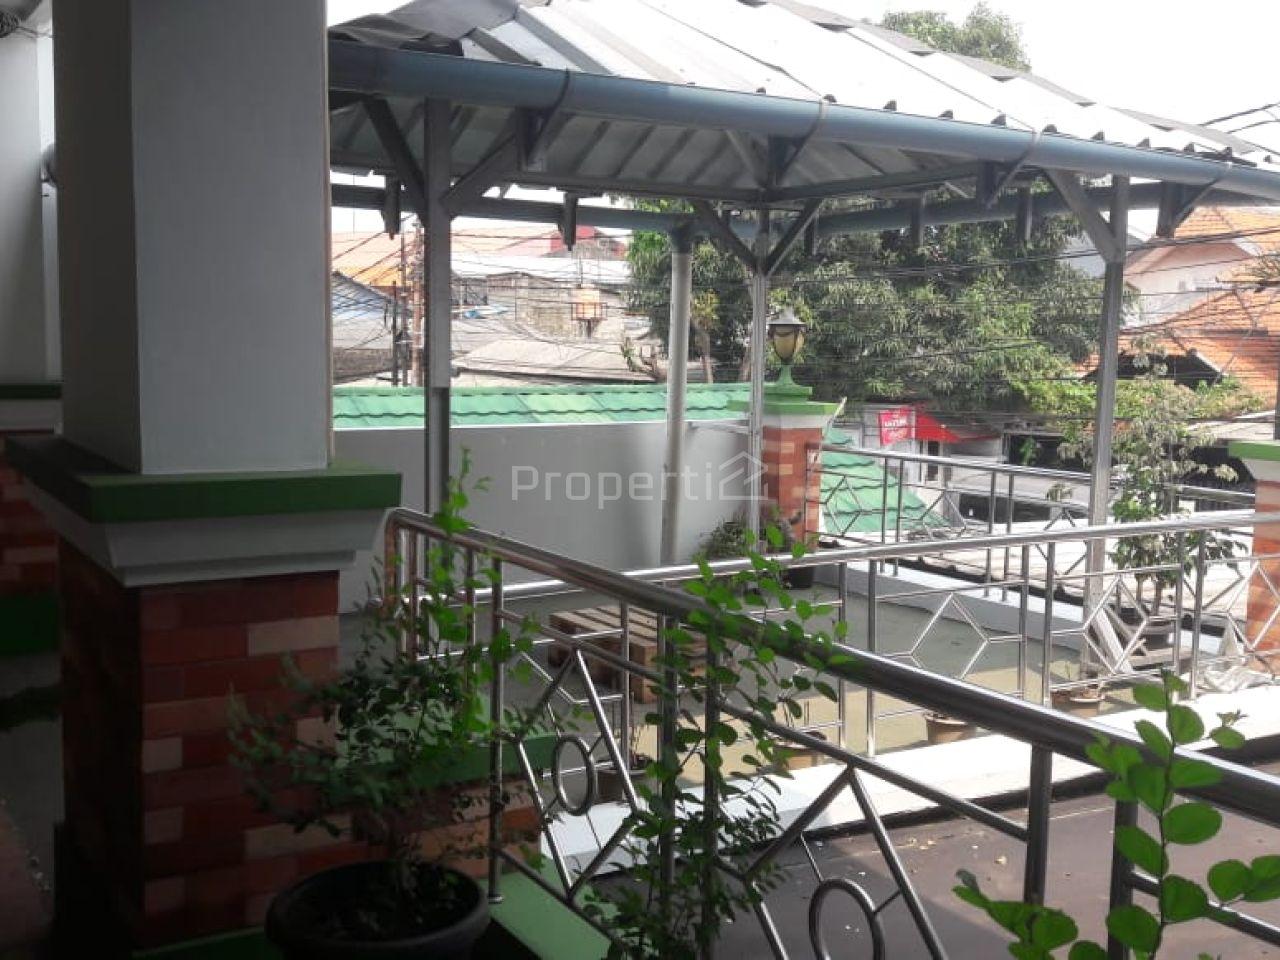 Rumah Untuk Kantor Dekat Bandara Halim Perdanakusuma, Makasar